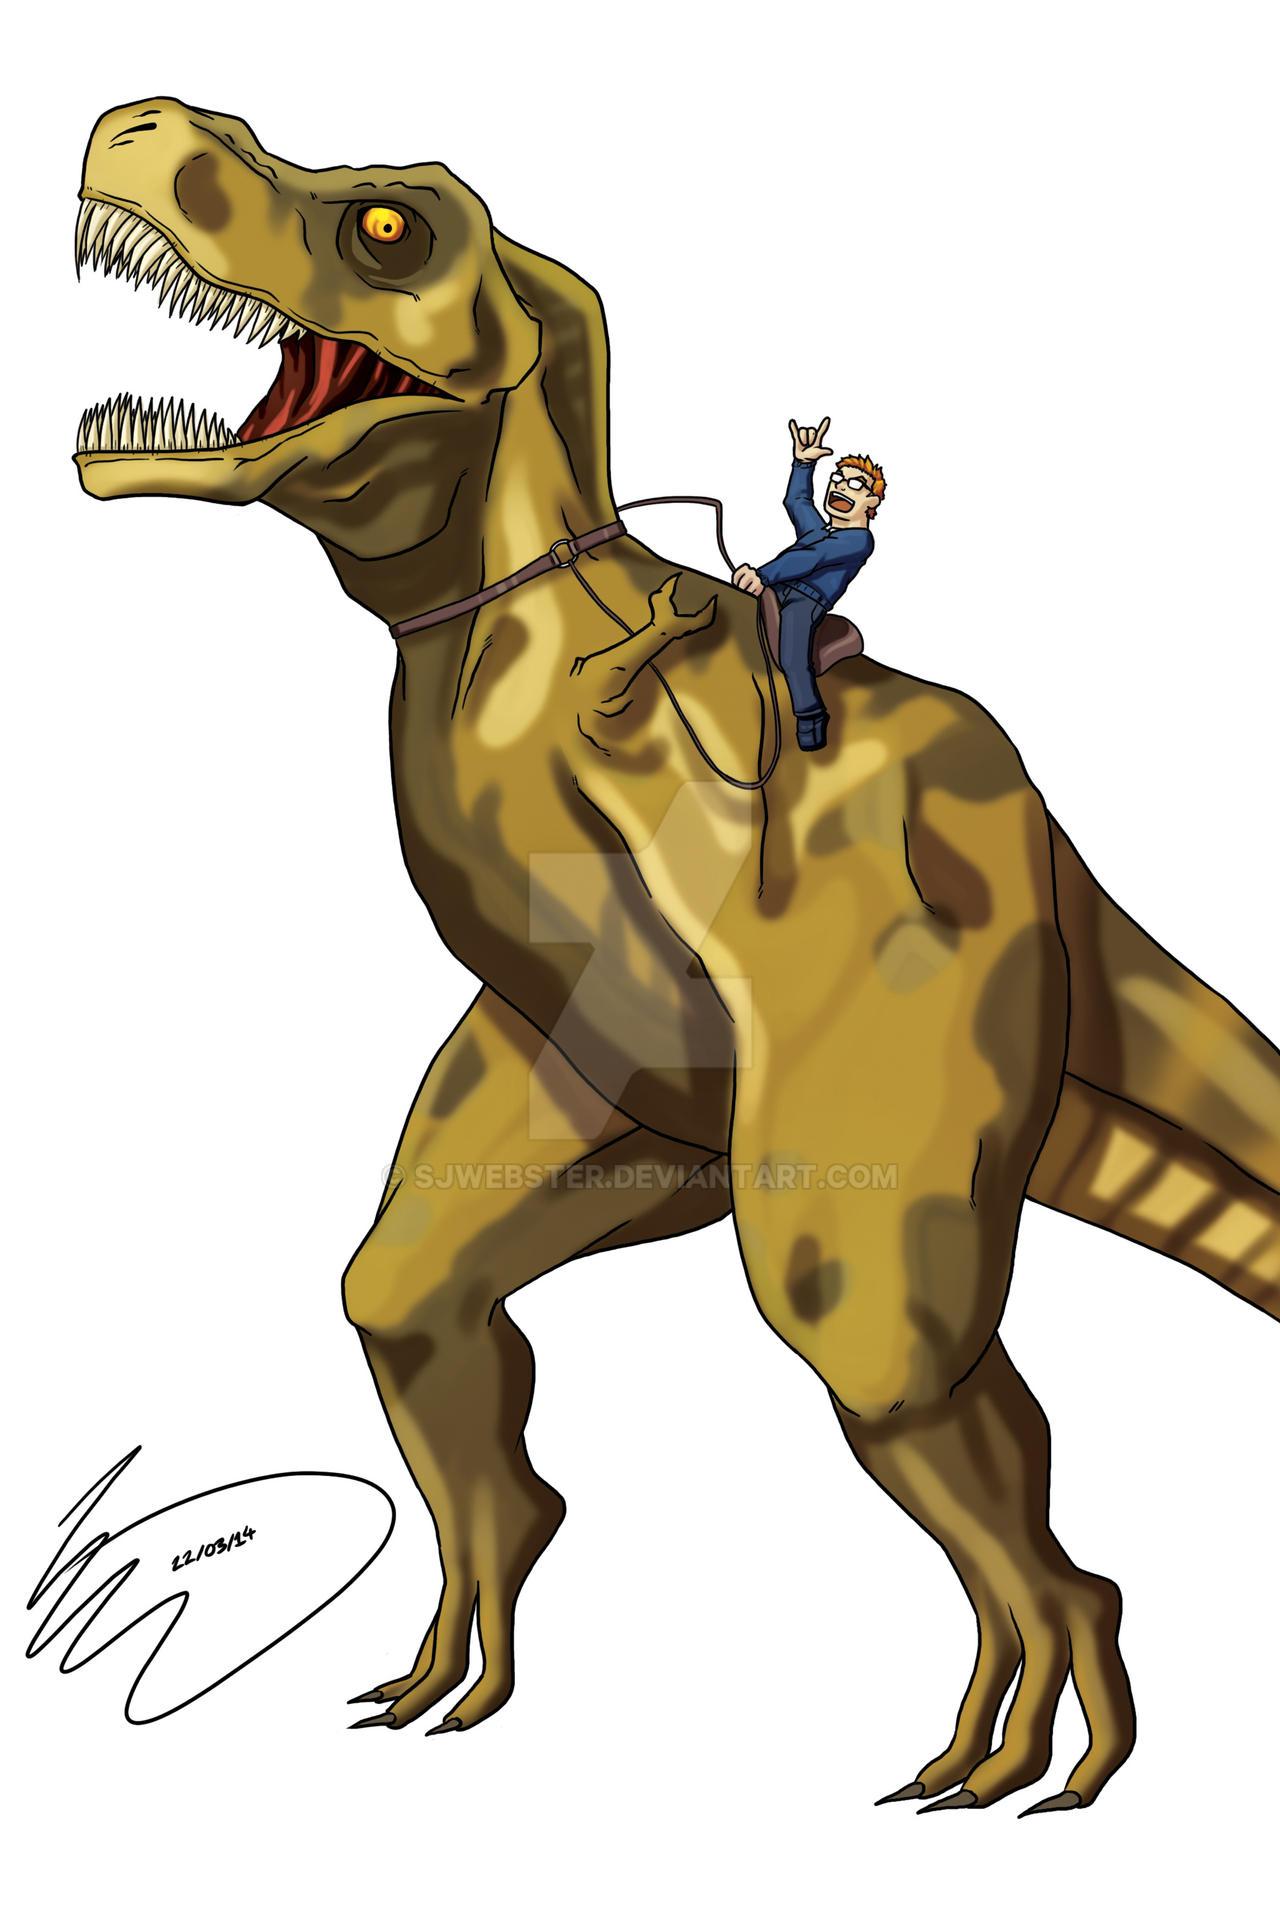 Week 1 - Dinosaur Rider by SJWebster